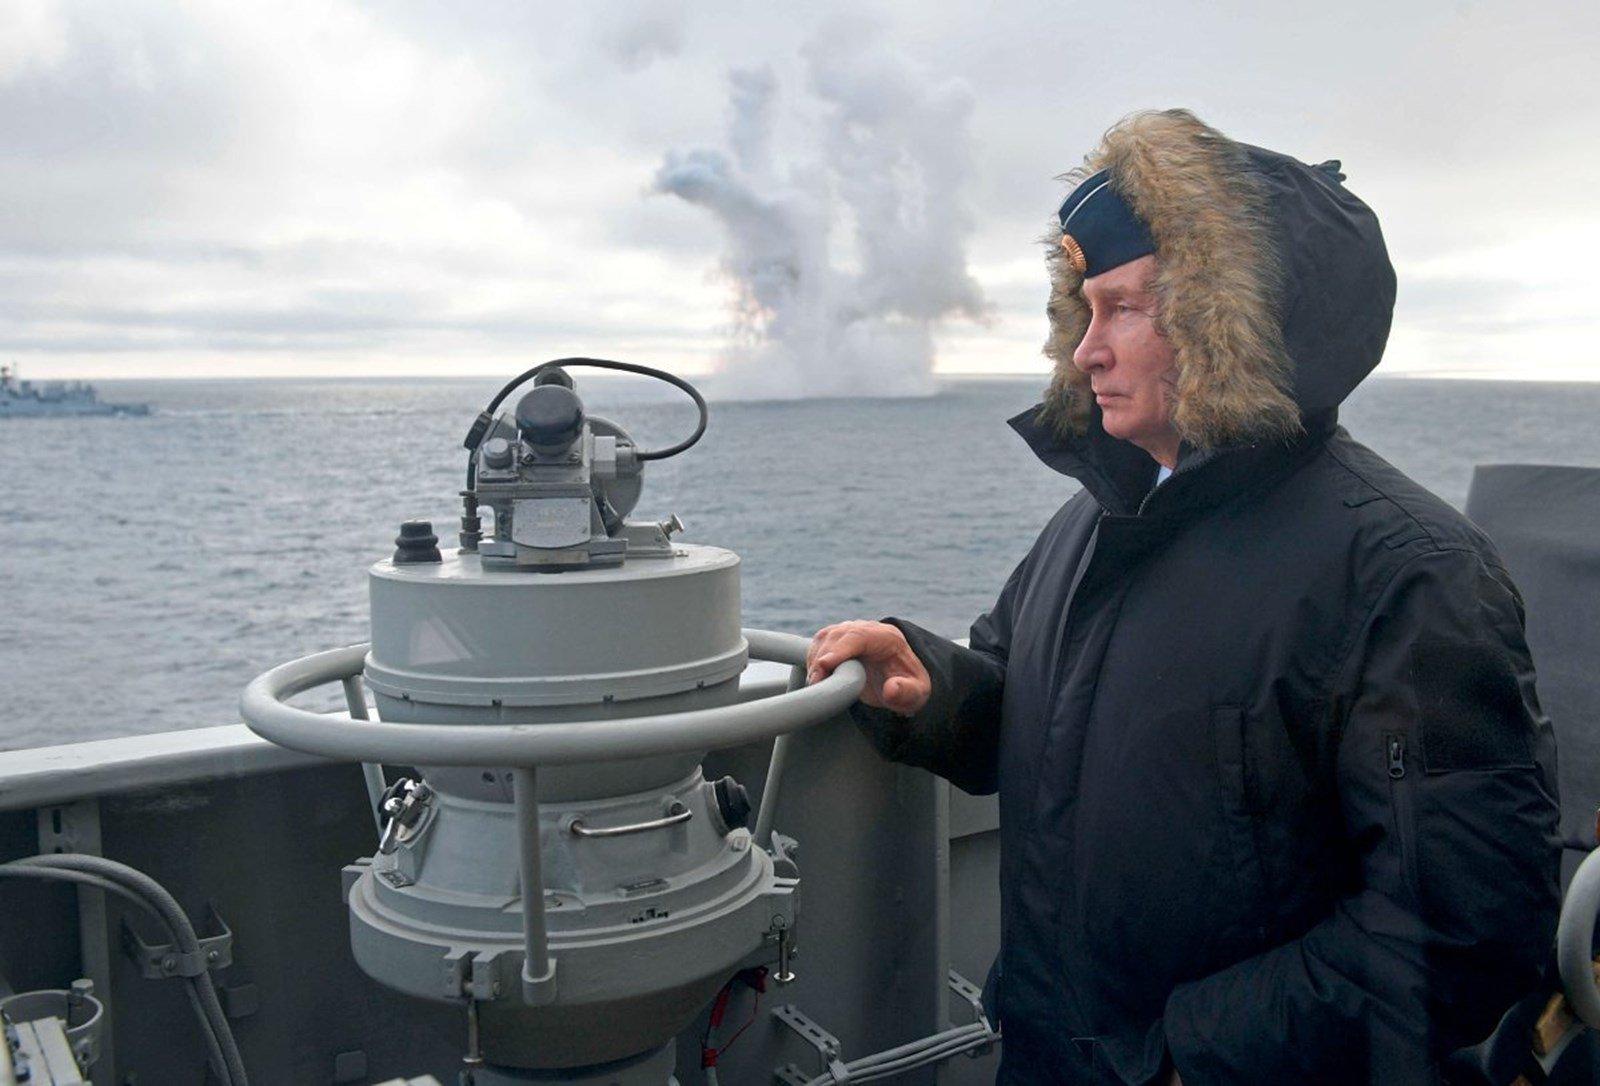 СМИ Австрии: Путин наблюдает за гиперзвуковым ракетным испытанием в Крыму